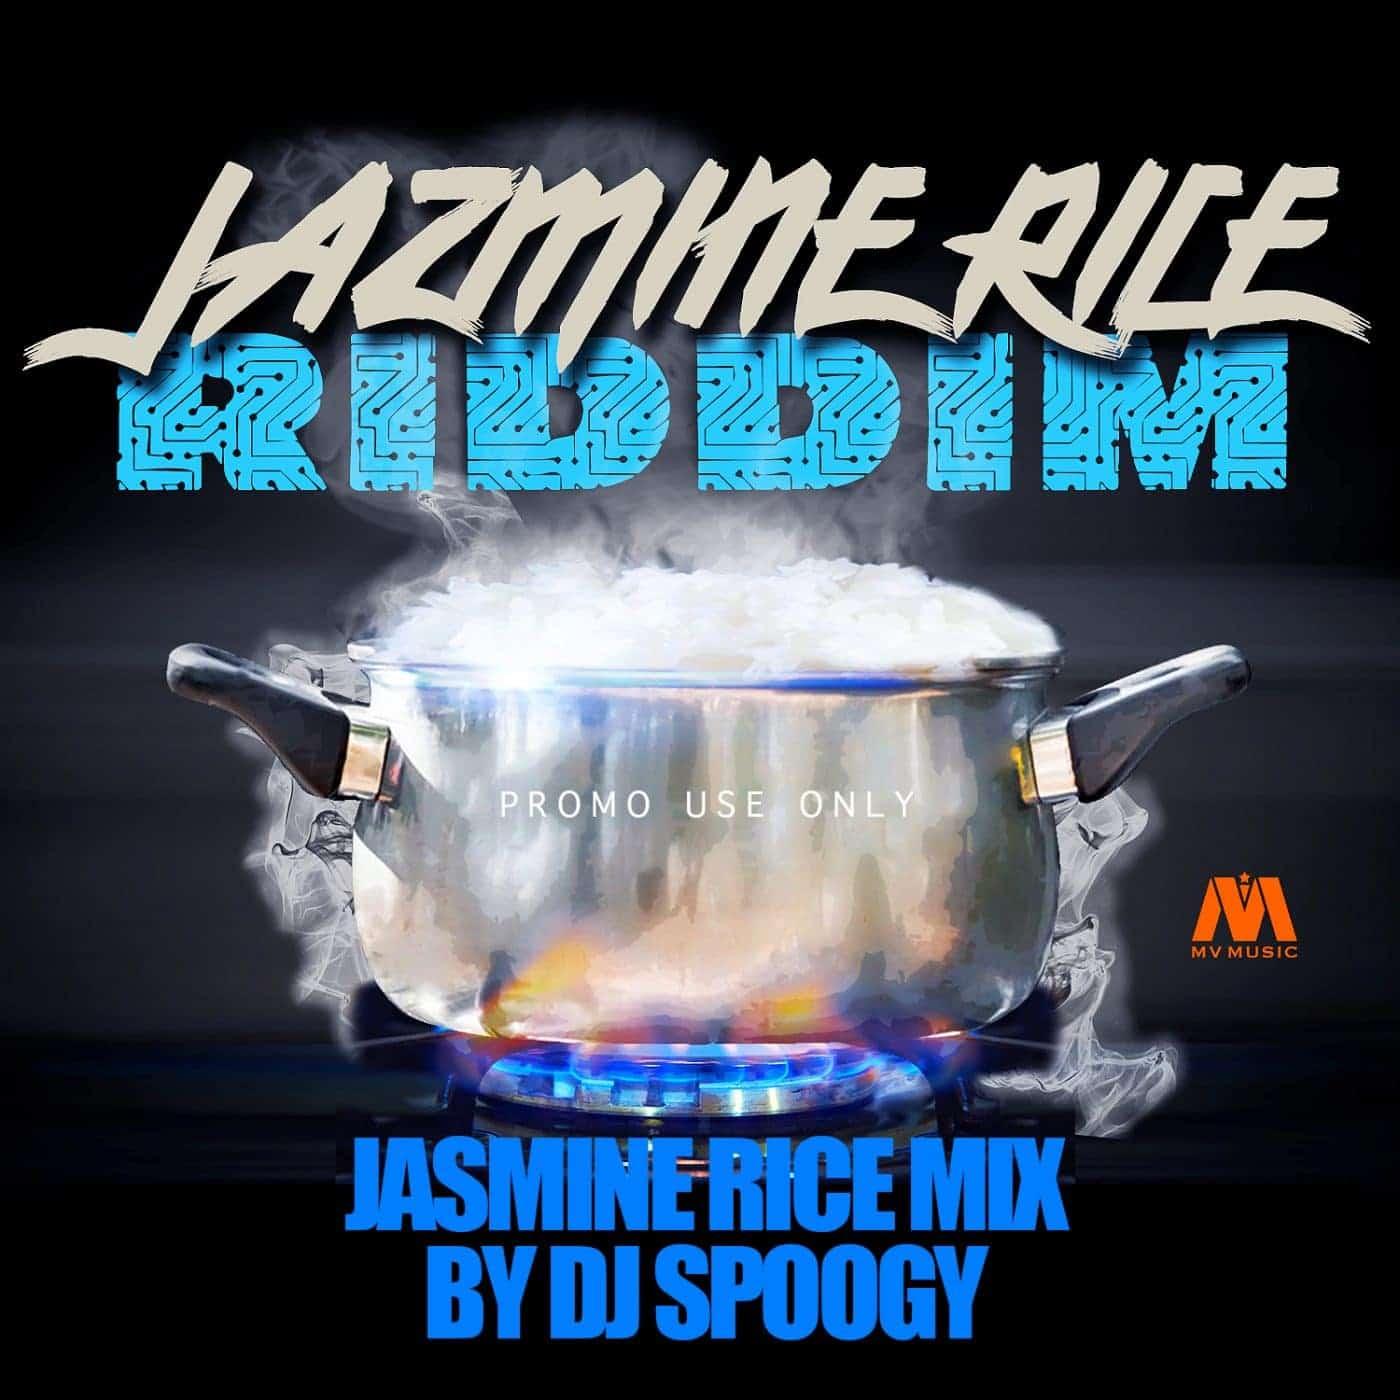 Jasmine Rice Mix By DJ Spoogy